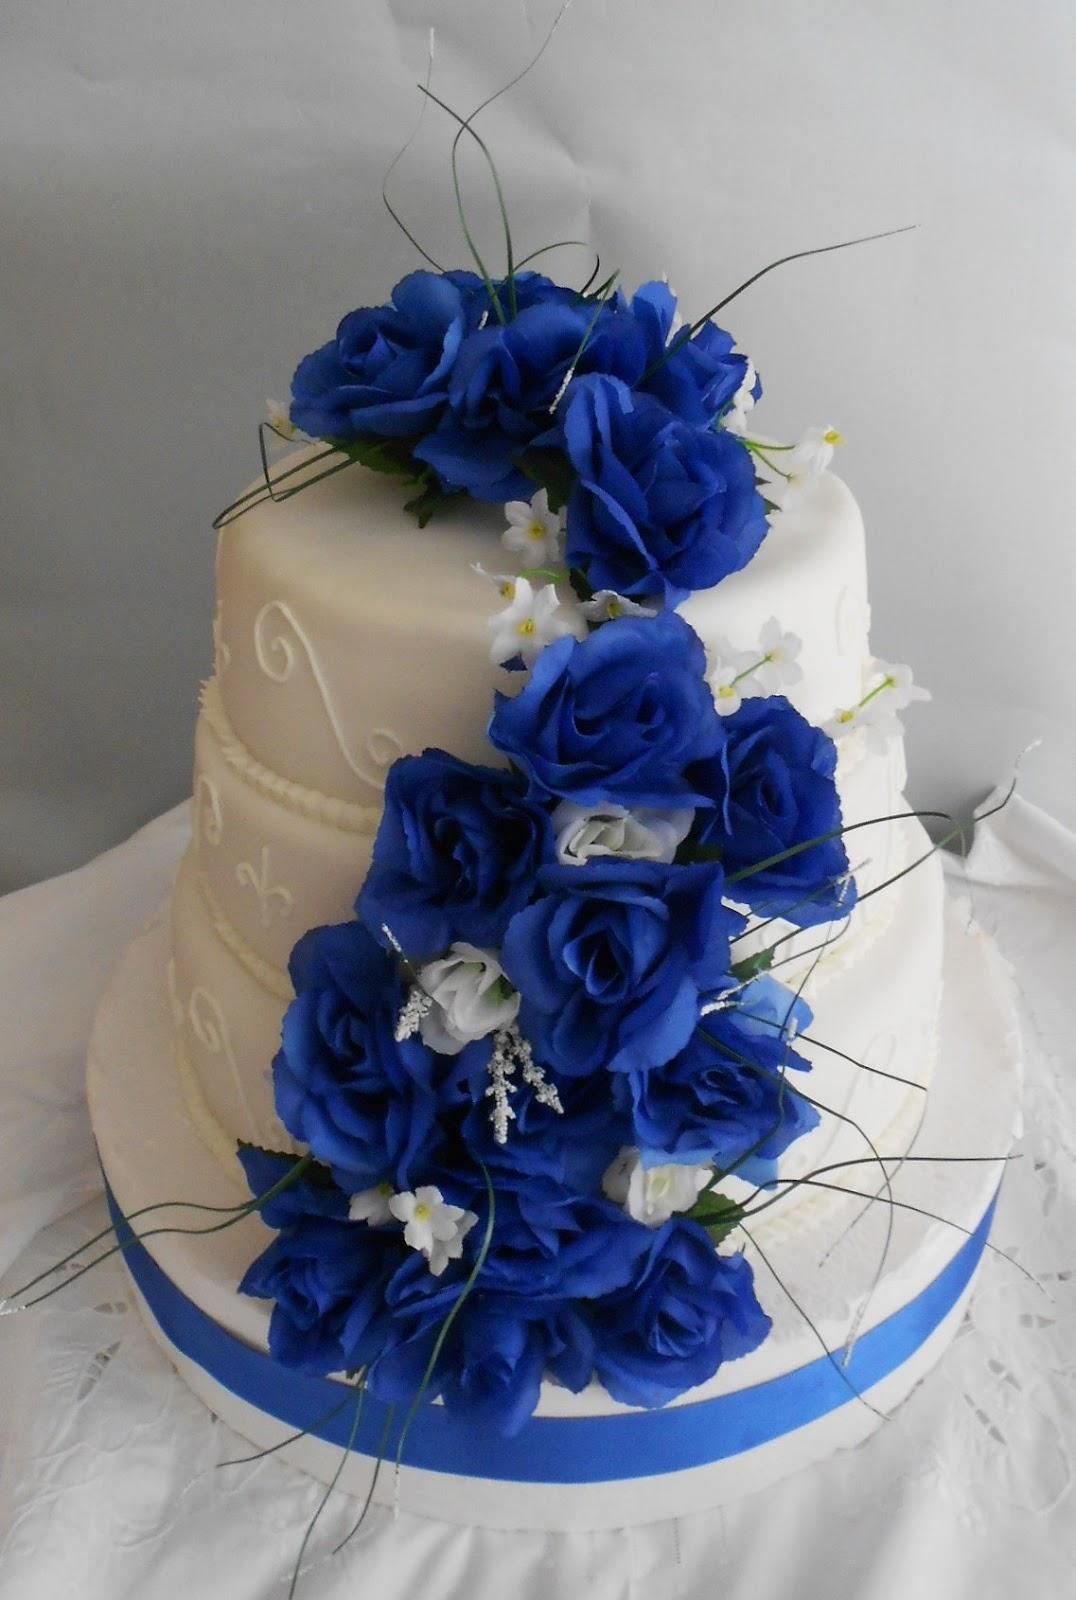 Fotos de tortas en color azul en forma de estrella - Imagui